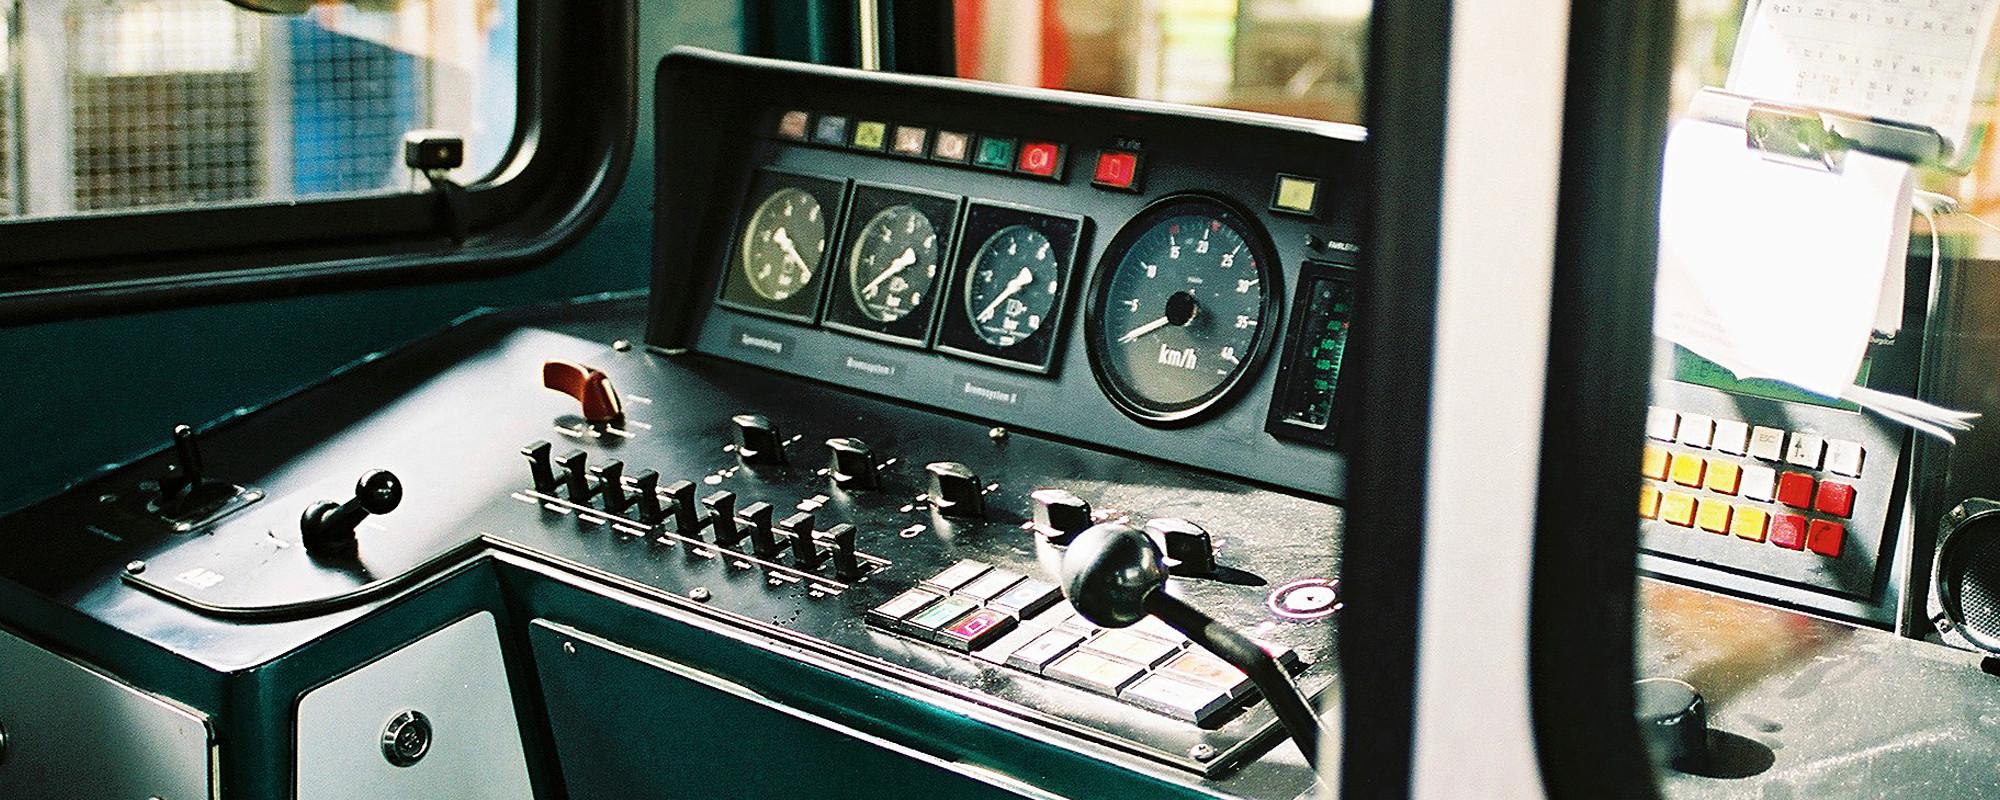 TrainControls